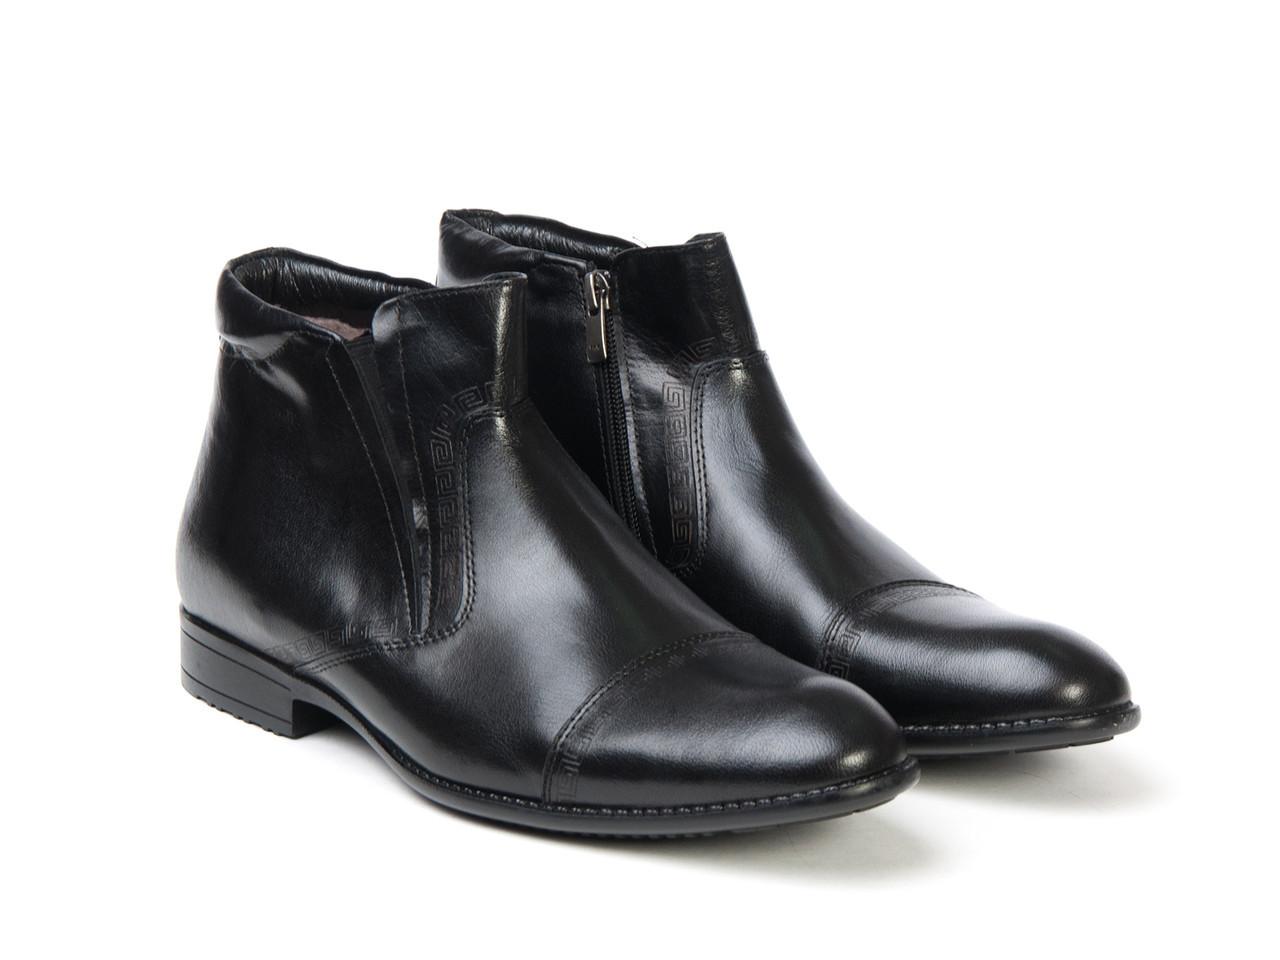 Черевики Etor 12250-14820-02 38 чорні